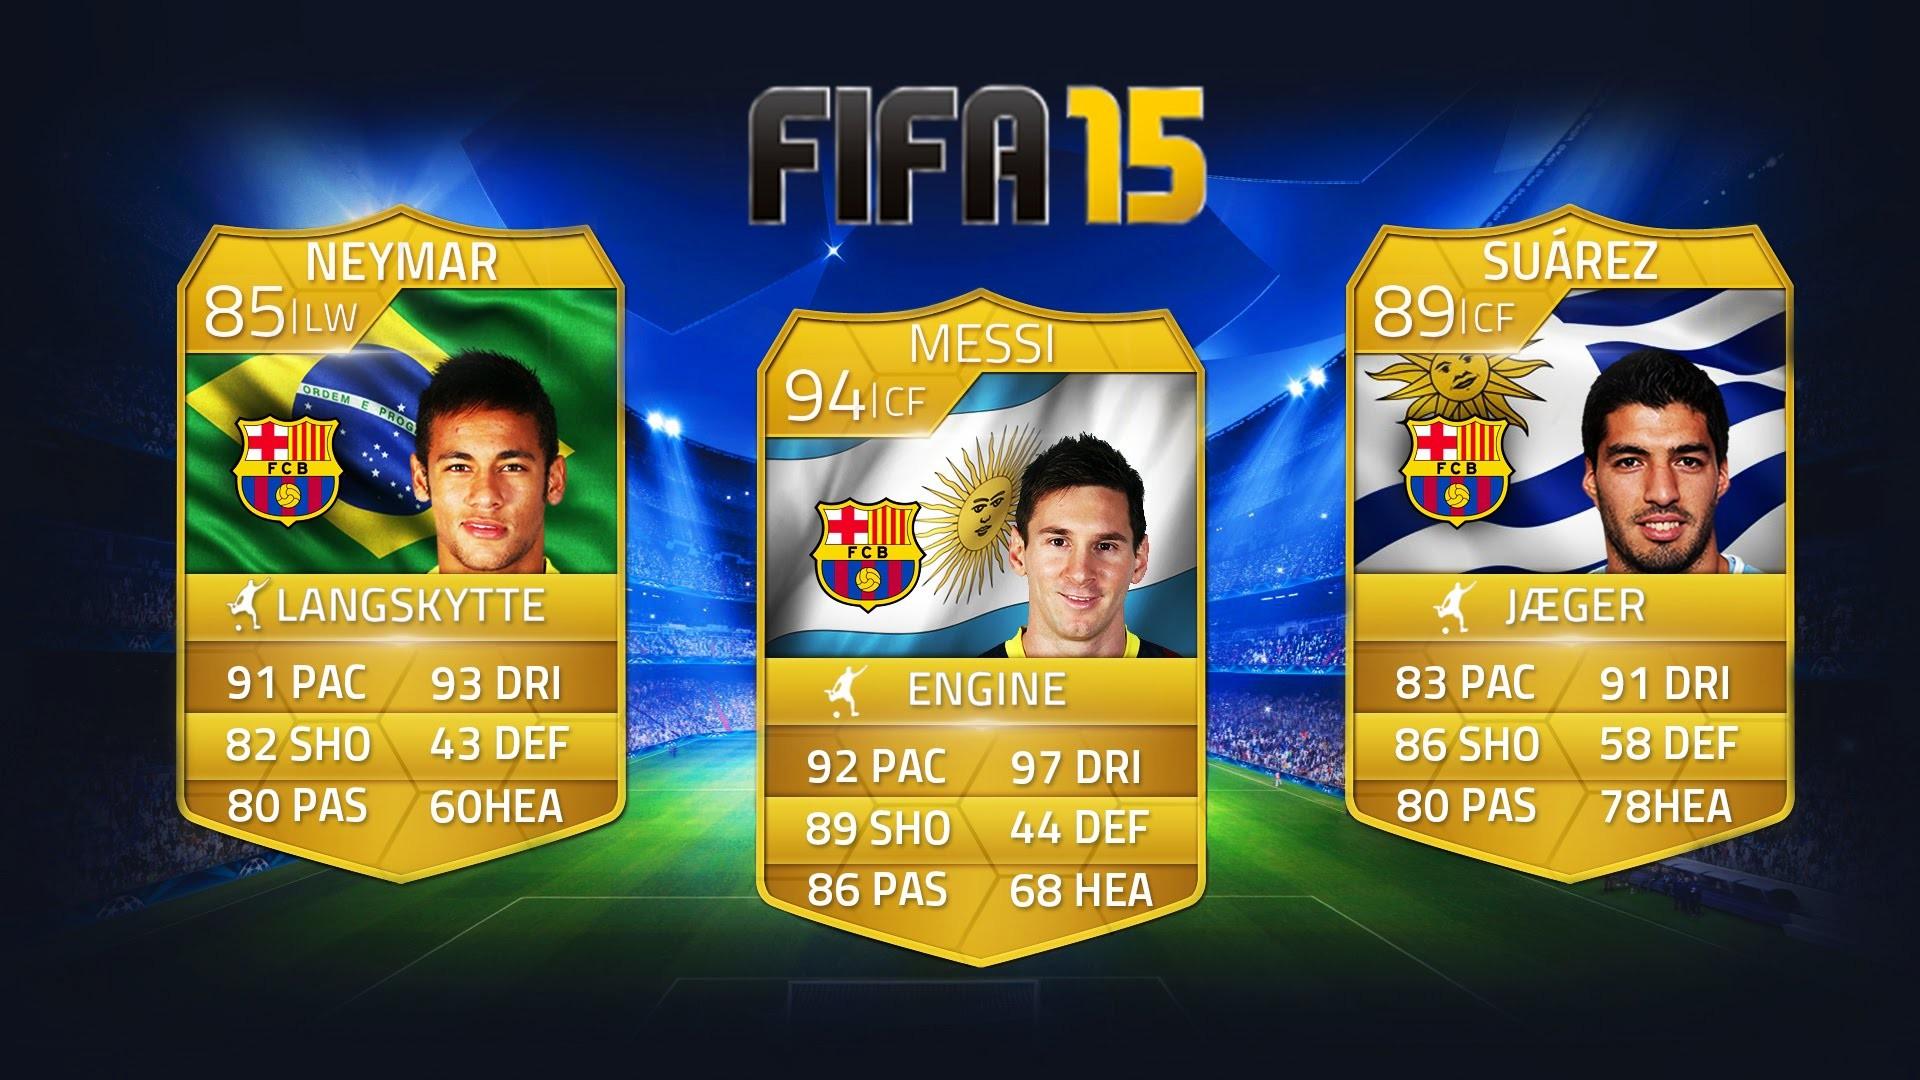 FIFA 15 – SPILLERVURDERING FORUDSIGELSER – EPISODE 1 Med MESSI, SUAREZ og  NEYMAR